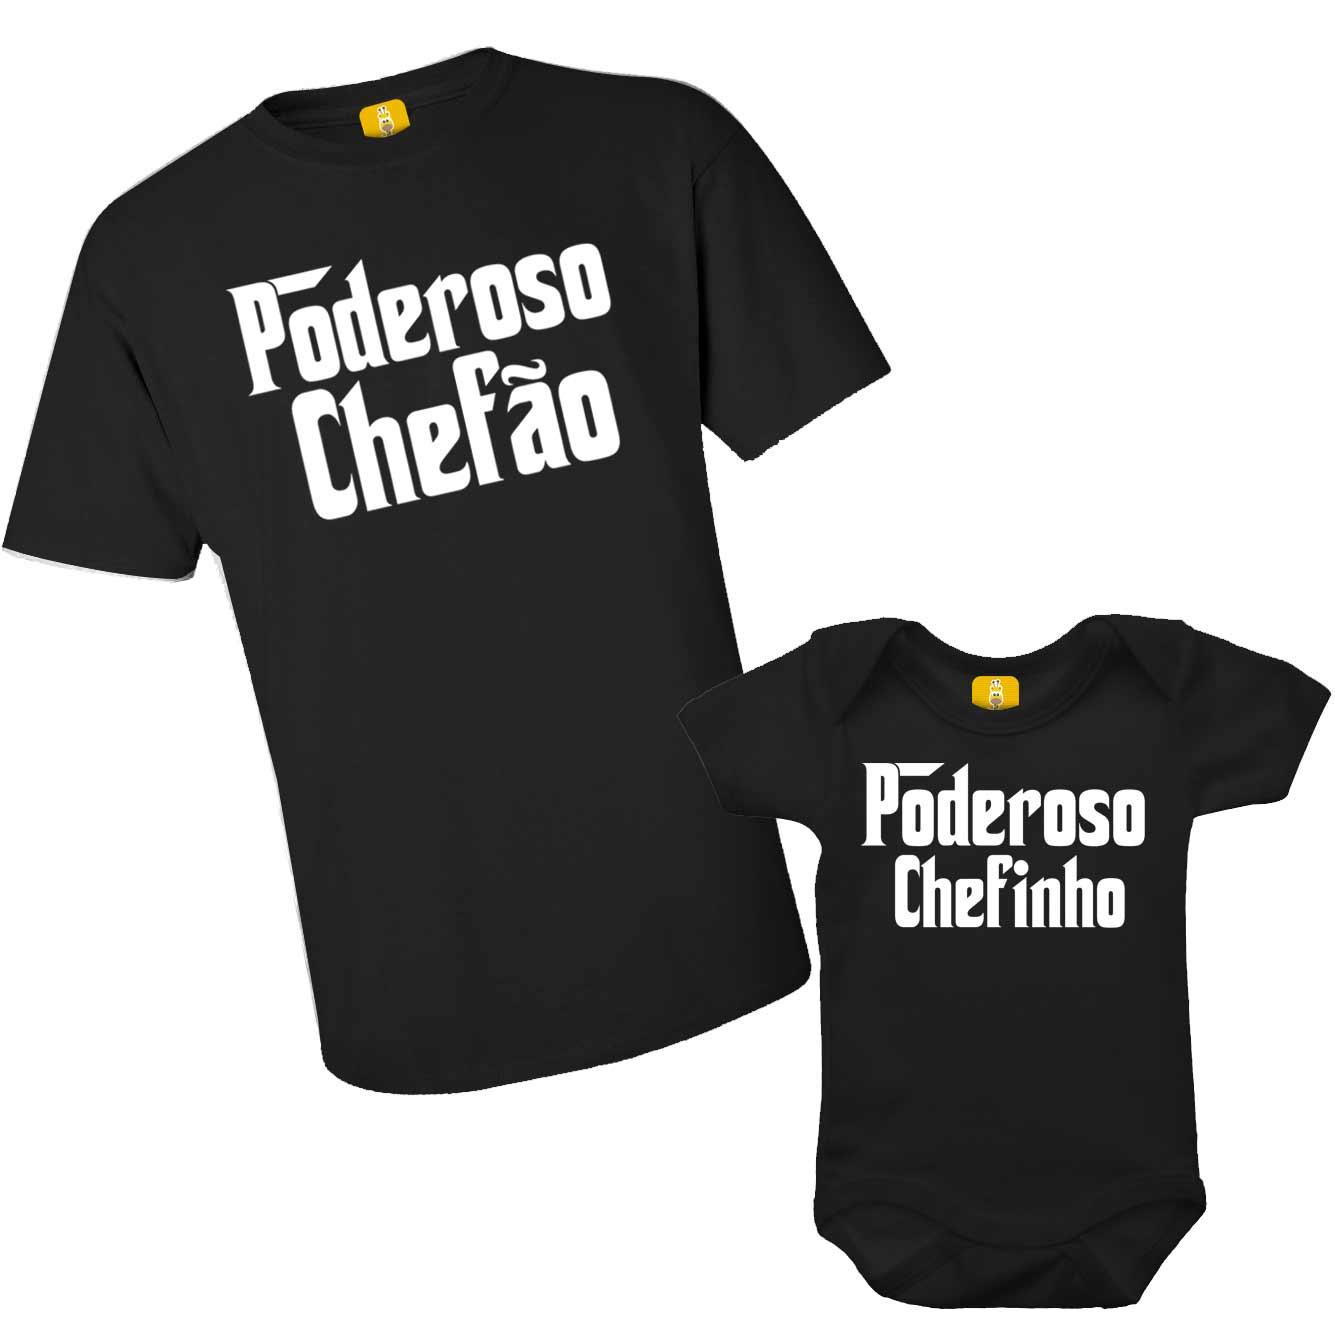 Kit Camiseta e Body - Tal Pai Tal Filho - Poderoso Chefão e Poderoso Chefinho